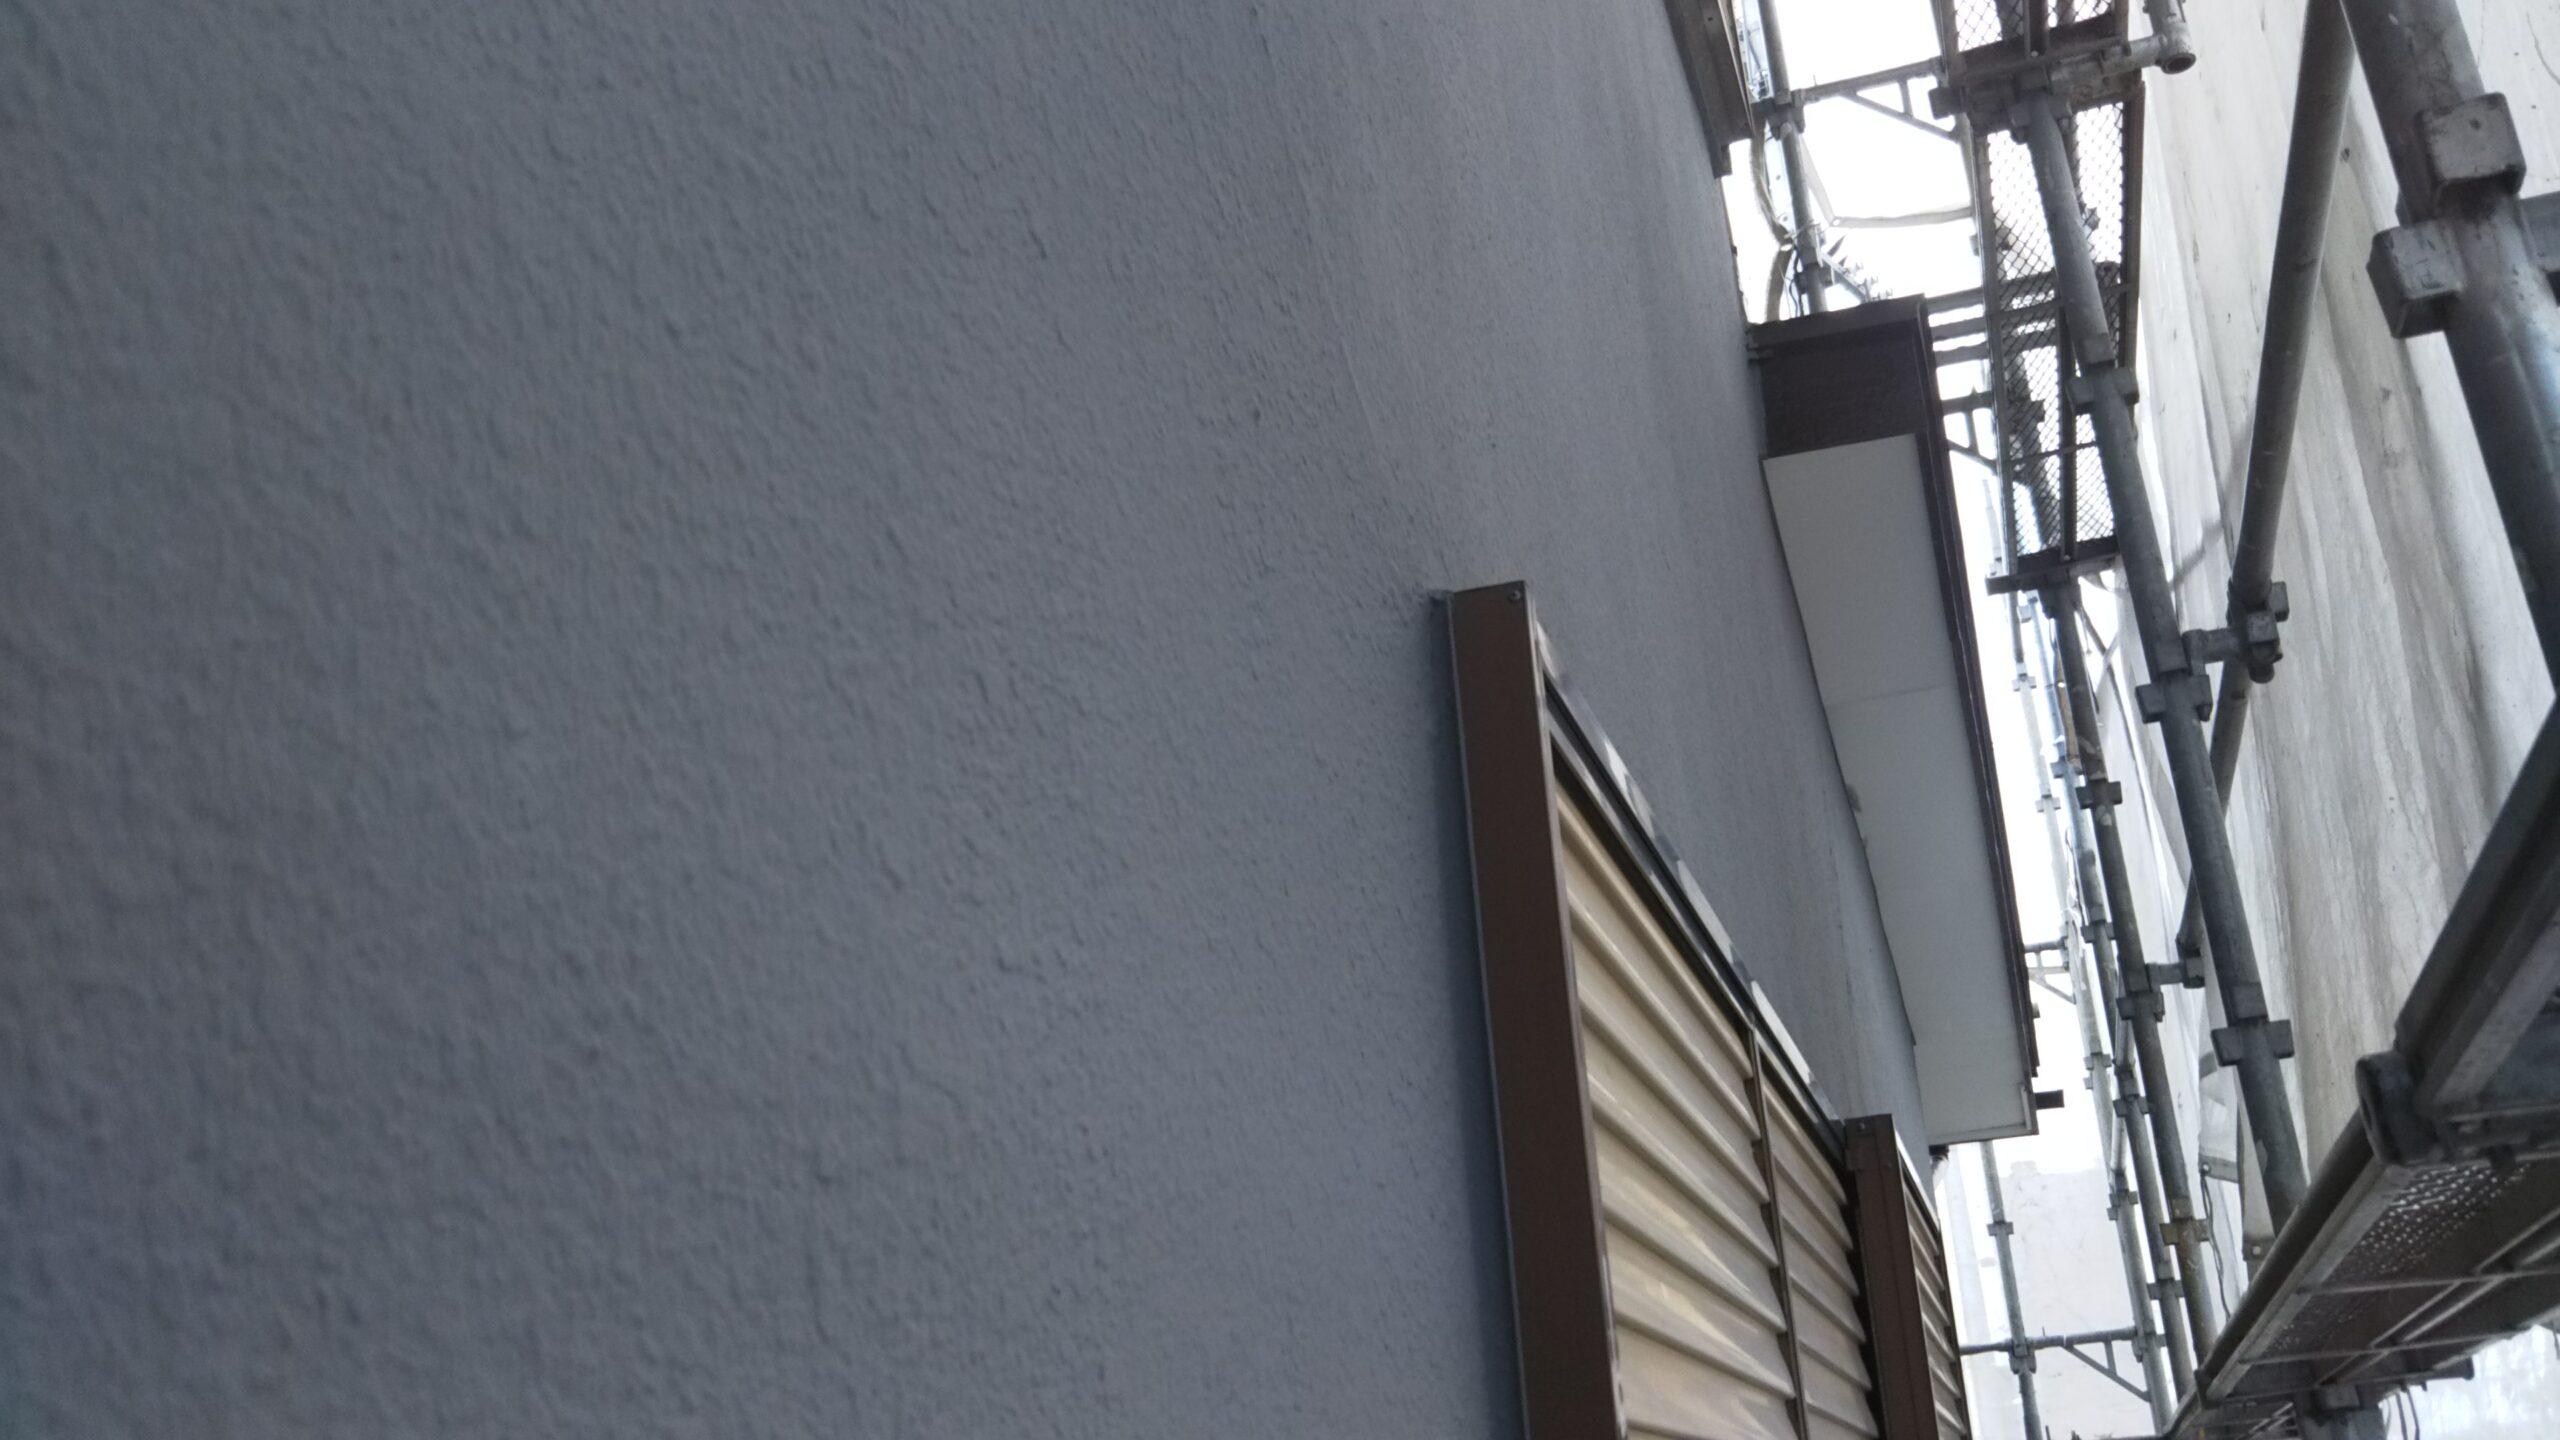 埼玉県さいたま市岩槻区のN様邸(木造2階建て)にて雨戸・木部・鉄部の塗装工事